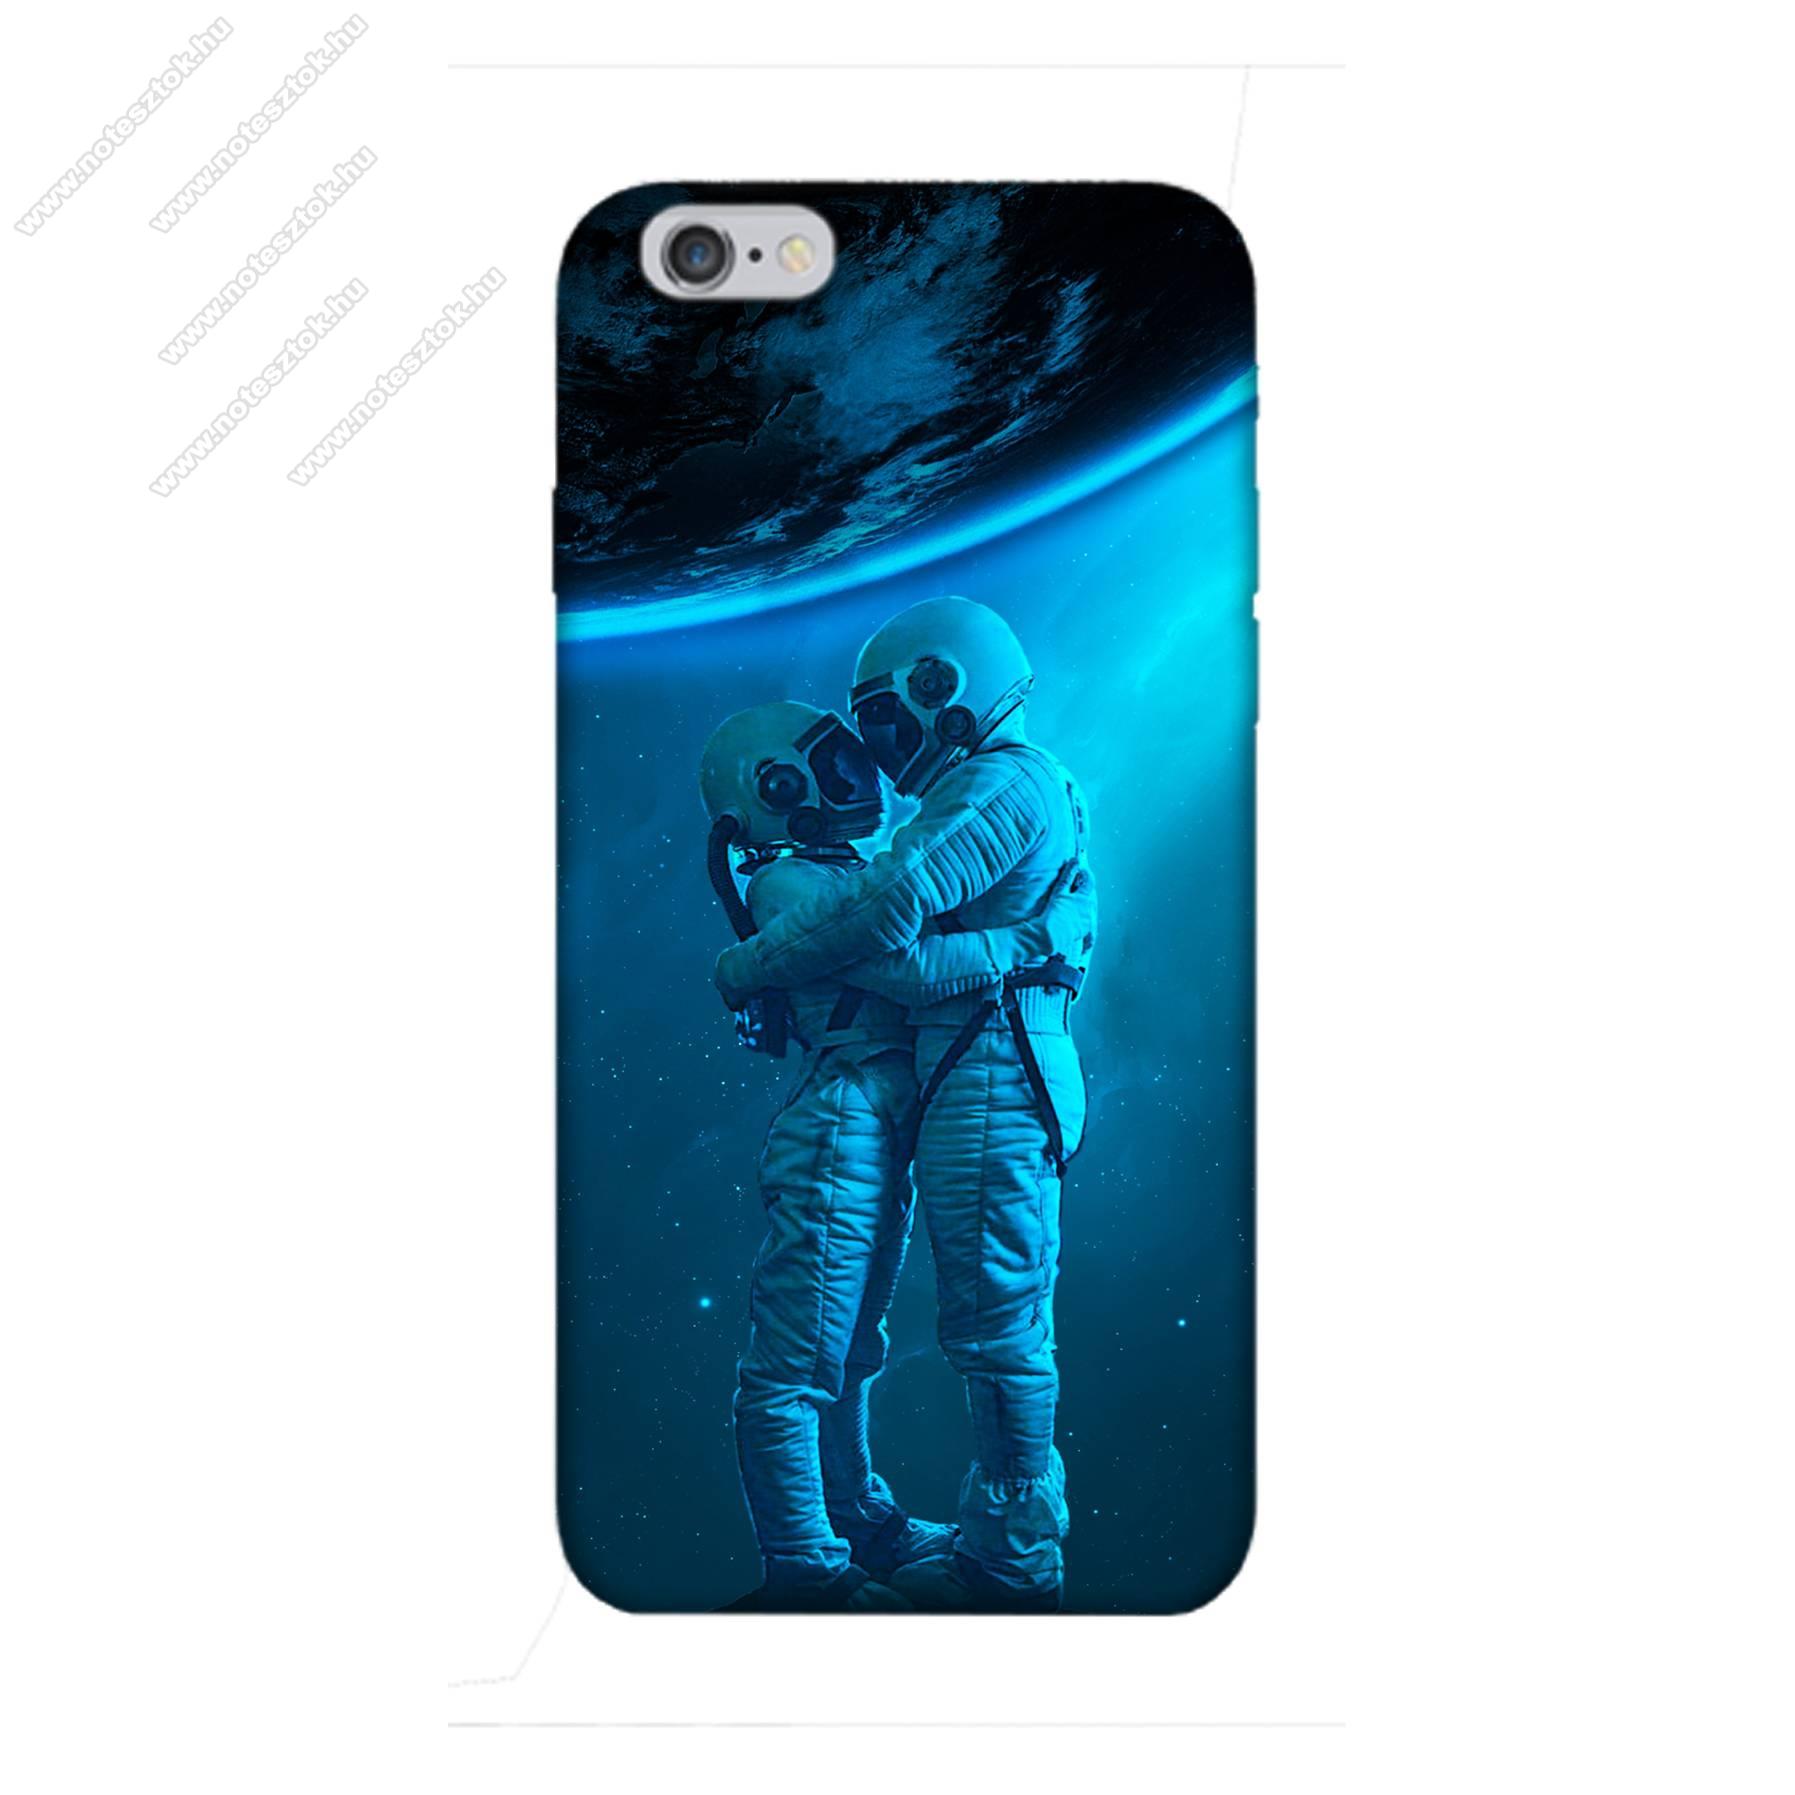 E-pic szilikon védő tok / hátlap - Szerelmes űrhajós pár mintás - APPLE iPhone 6 Plus